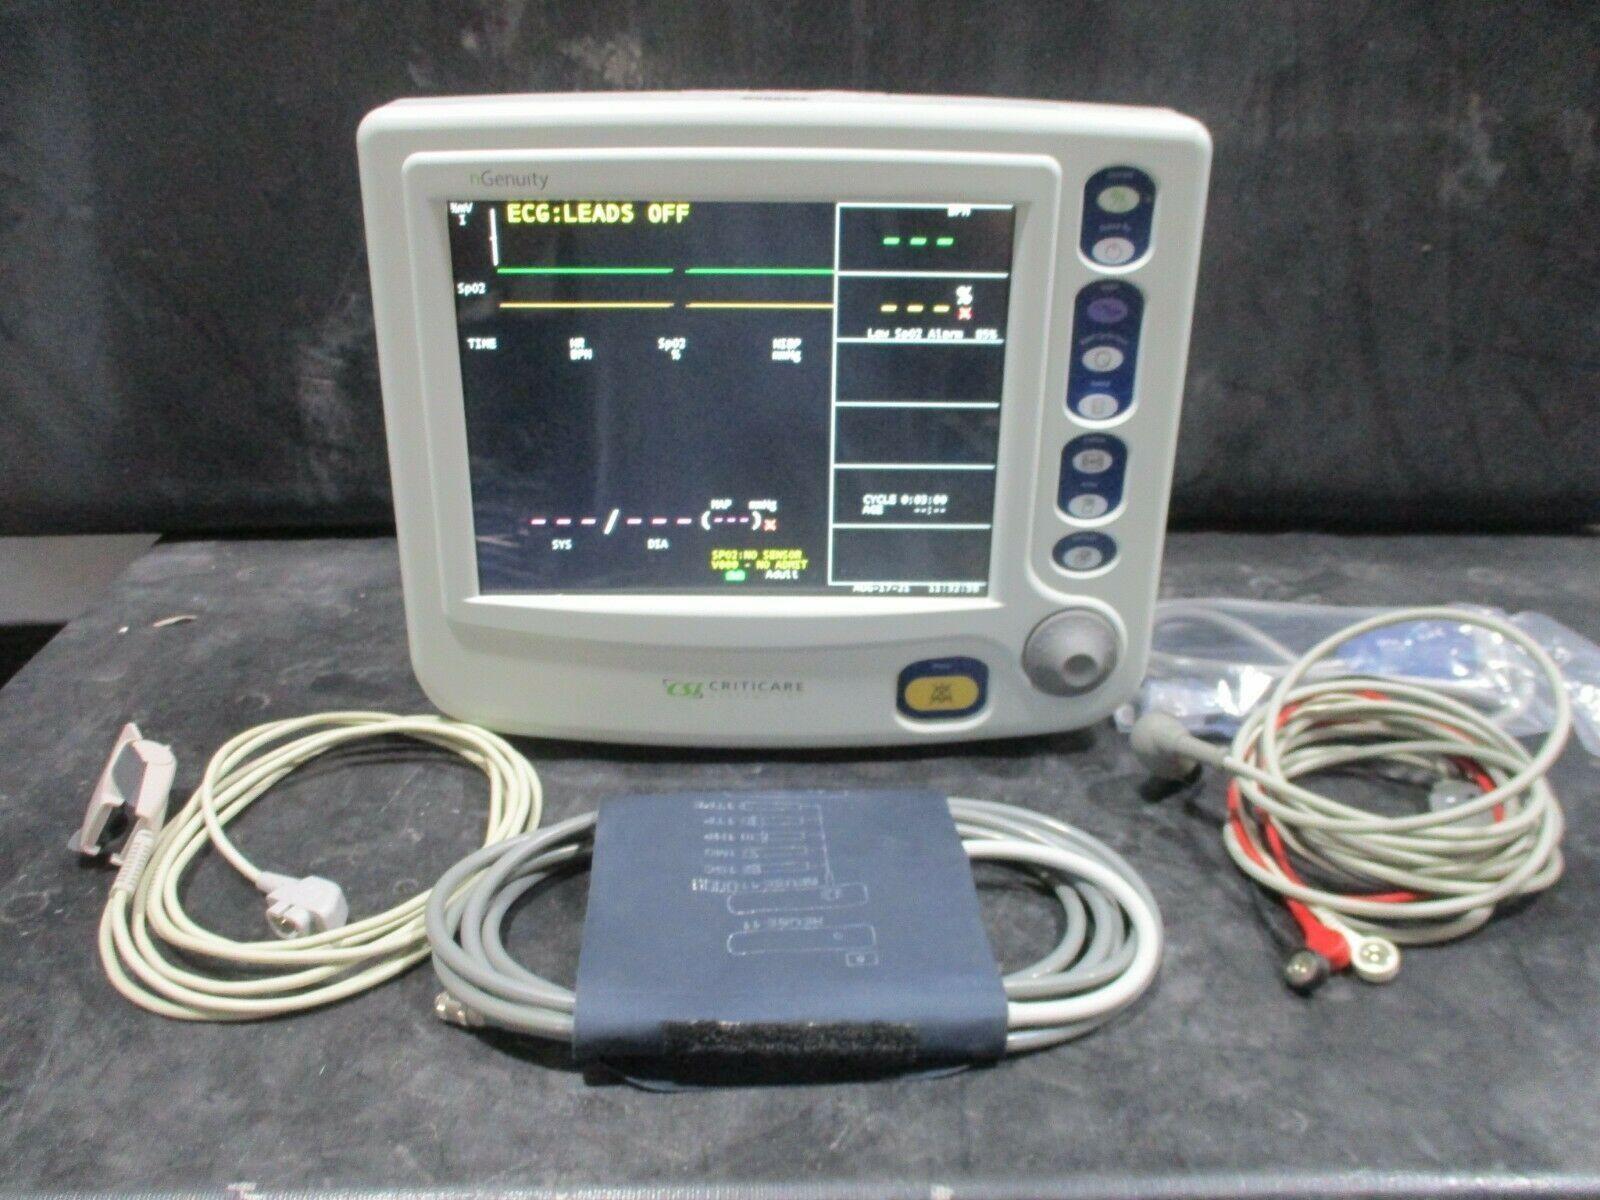 CSI Criticare nGenuity 8100EP1 Monitor, CO2 BP, SpO2 Sensor, EKG Leads, Printer